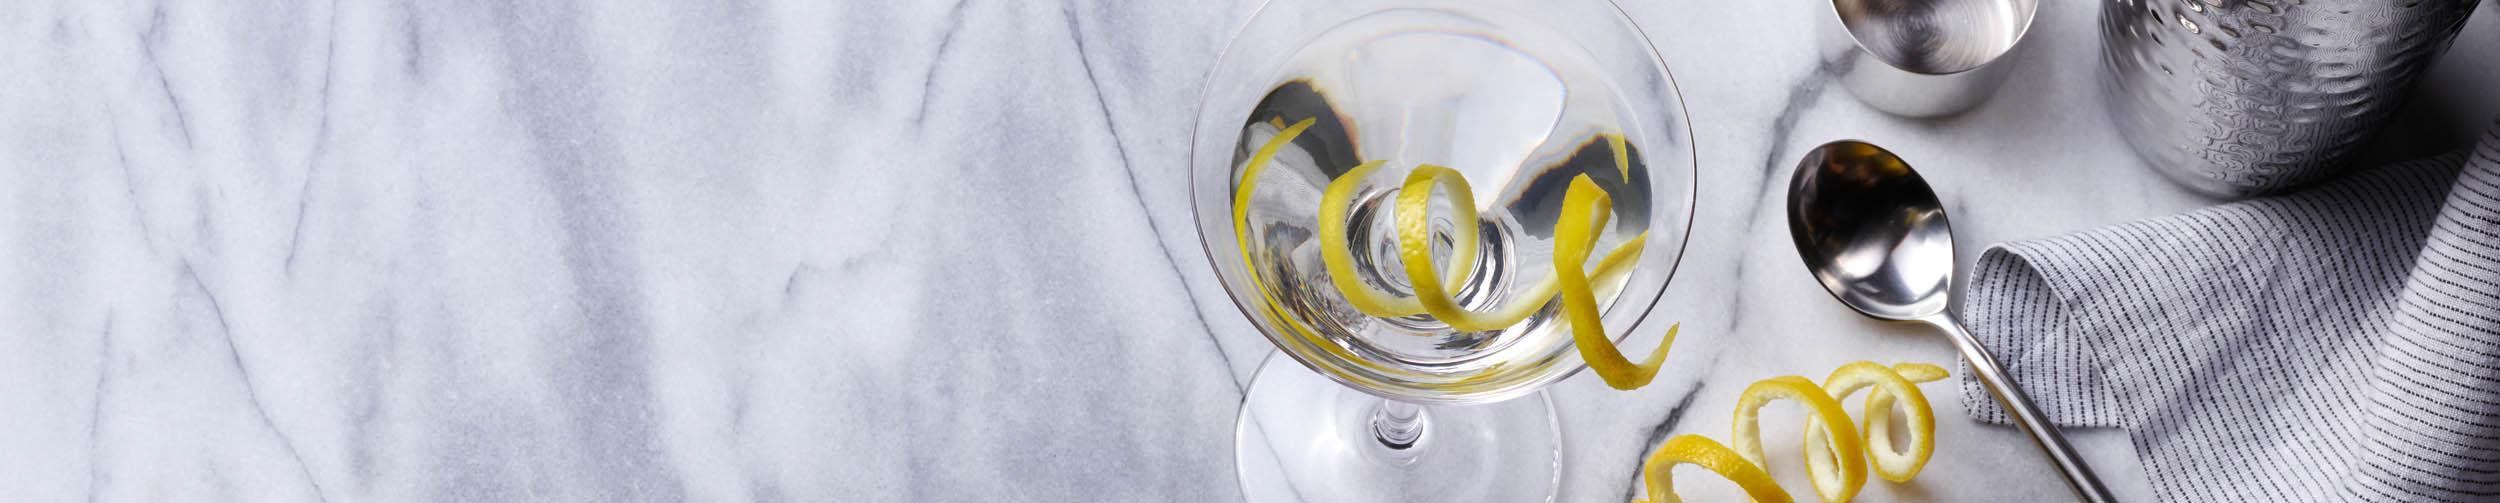 Drink photography, cocktails, Vesper, Ingredients 2